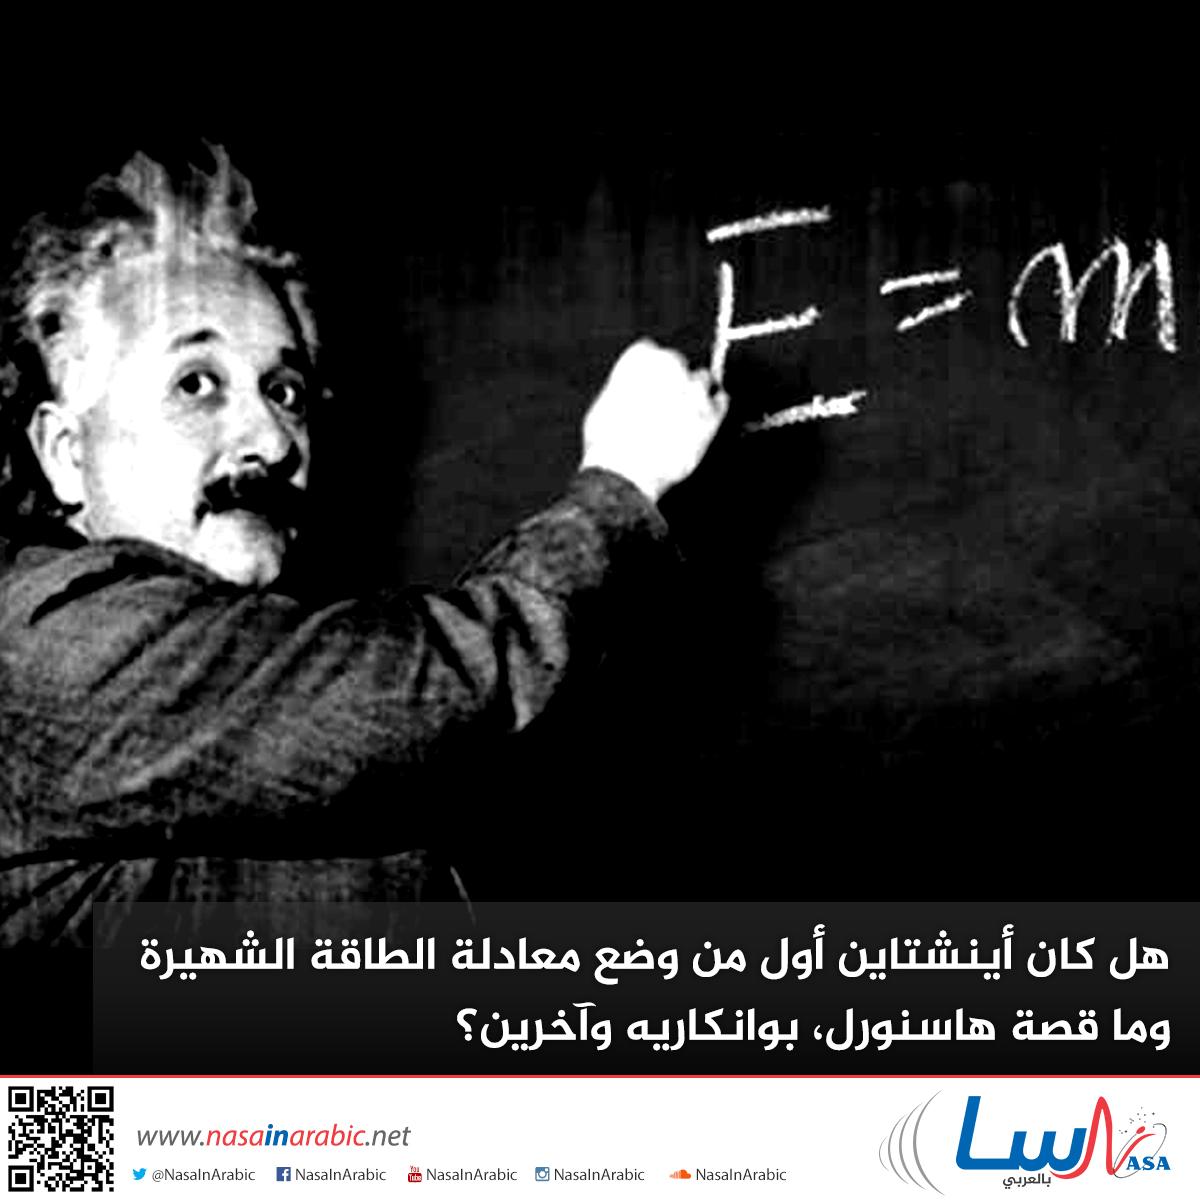 هل كان أينشتاين أول من وضع معادلة الطاقة الشهيرة، وما قصة هاسنورل، بوانكاريه وآخرين؟